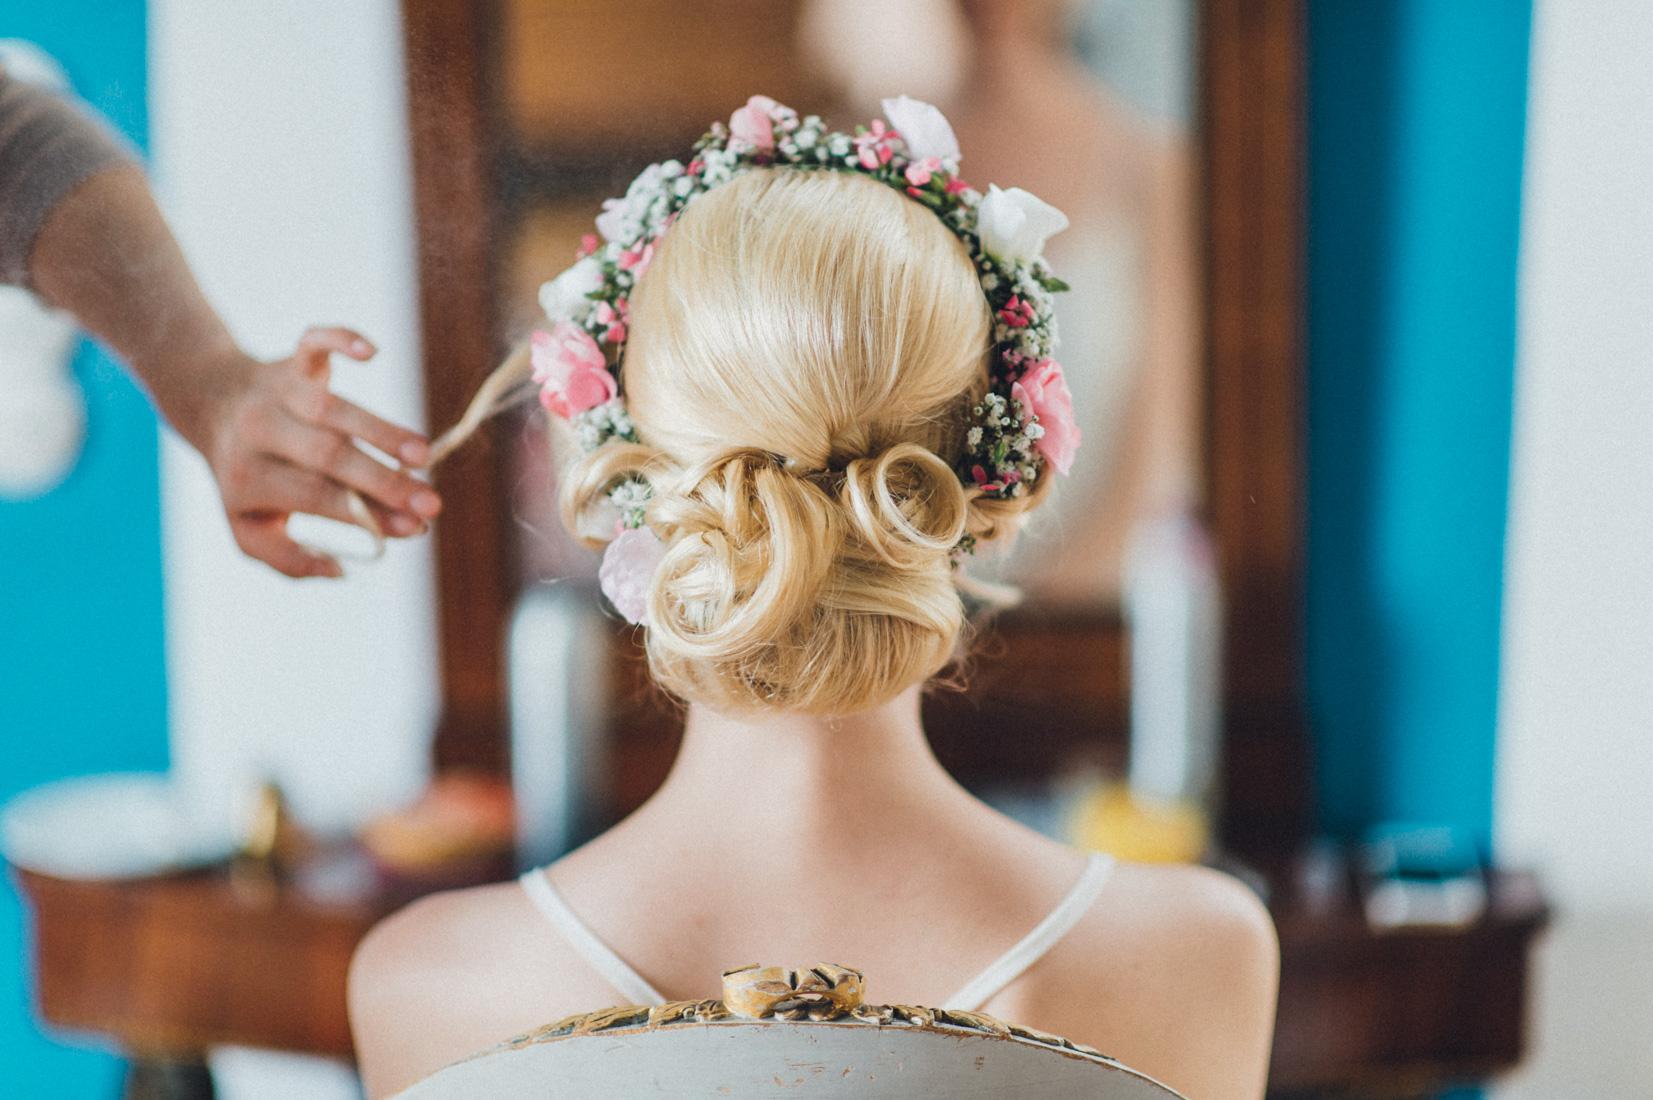 pastel-vintage-hertefeld-37 hochzeitsfotograf schloss hertefeldGalina & Robert DIY Pastel Vintage Hochzeit auf Schloss Hertefeldpastel vintage hertefeld 37